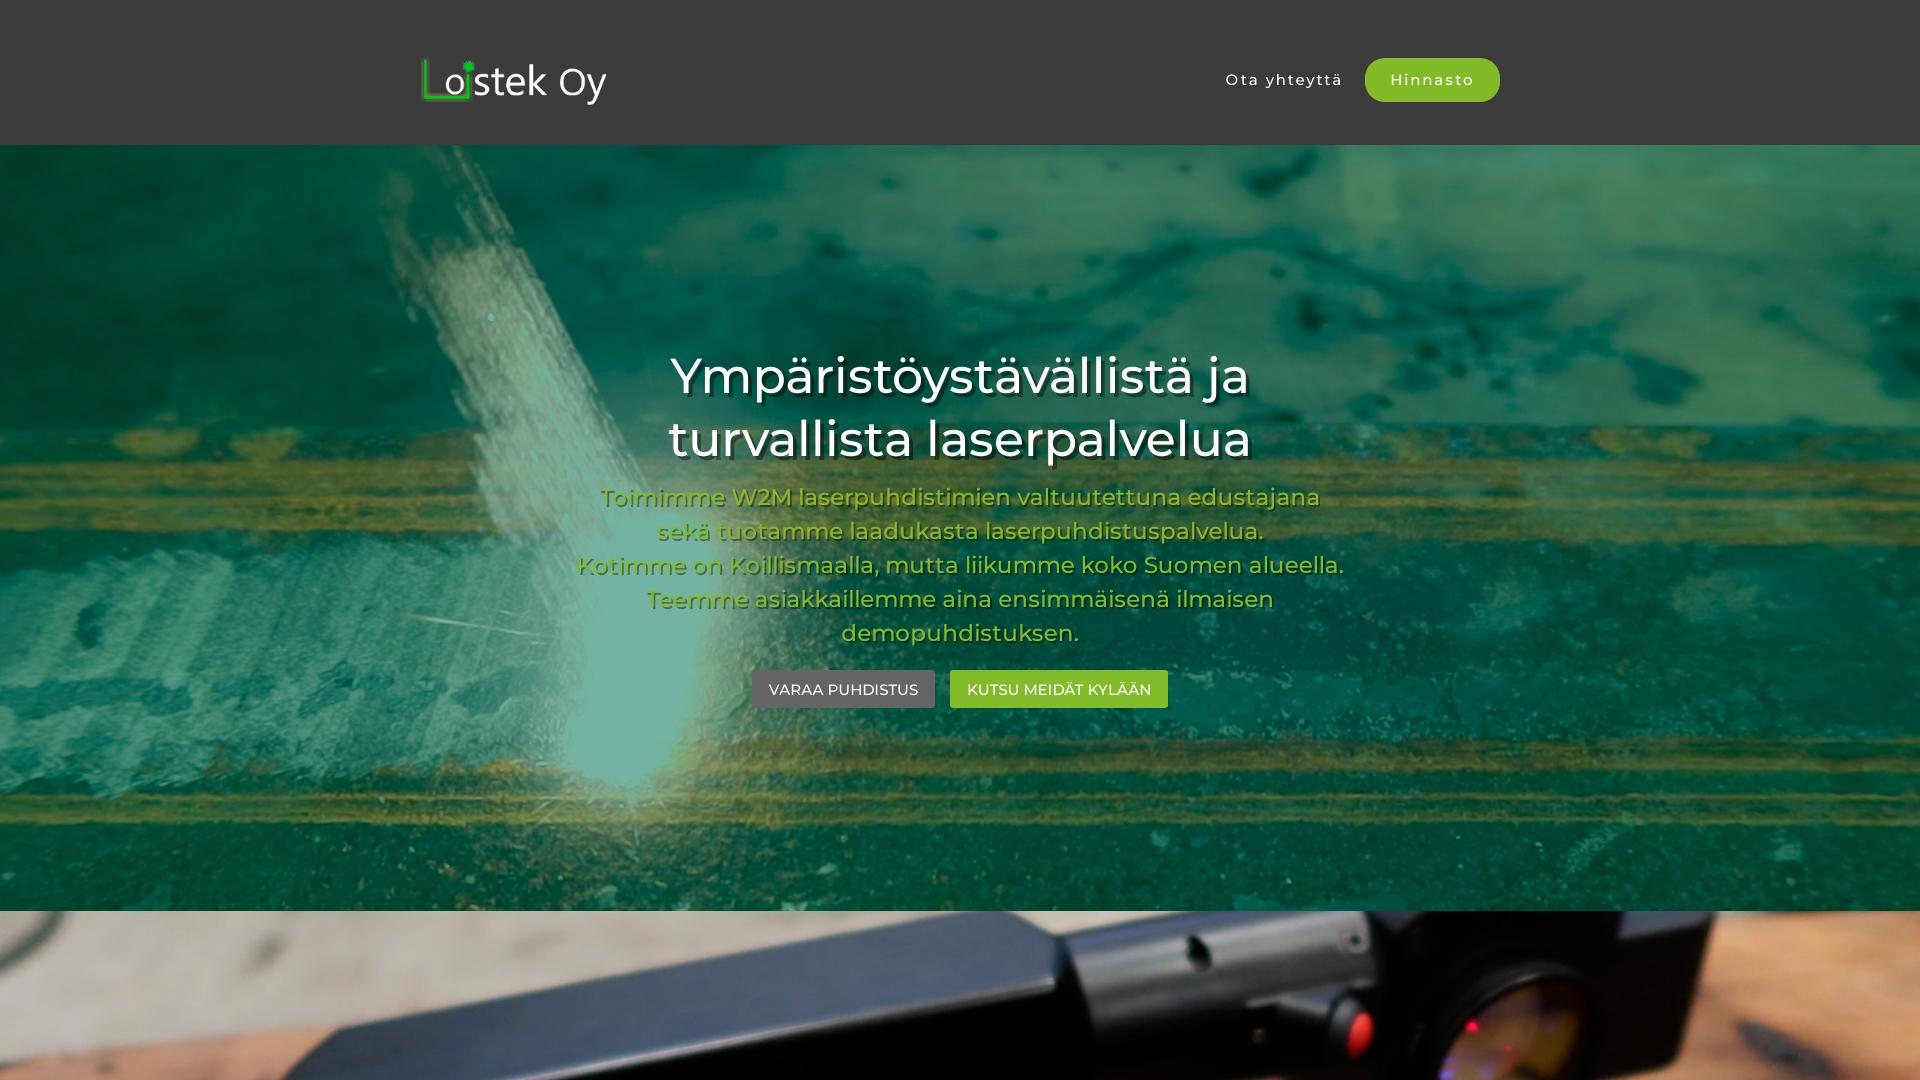 Loistek Oy